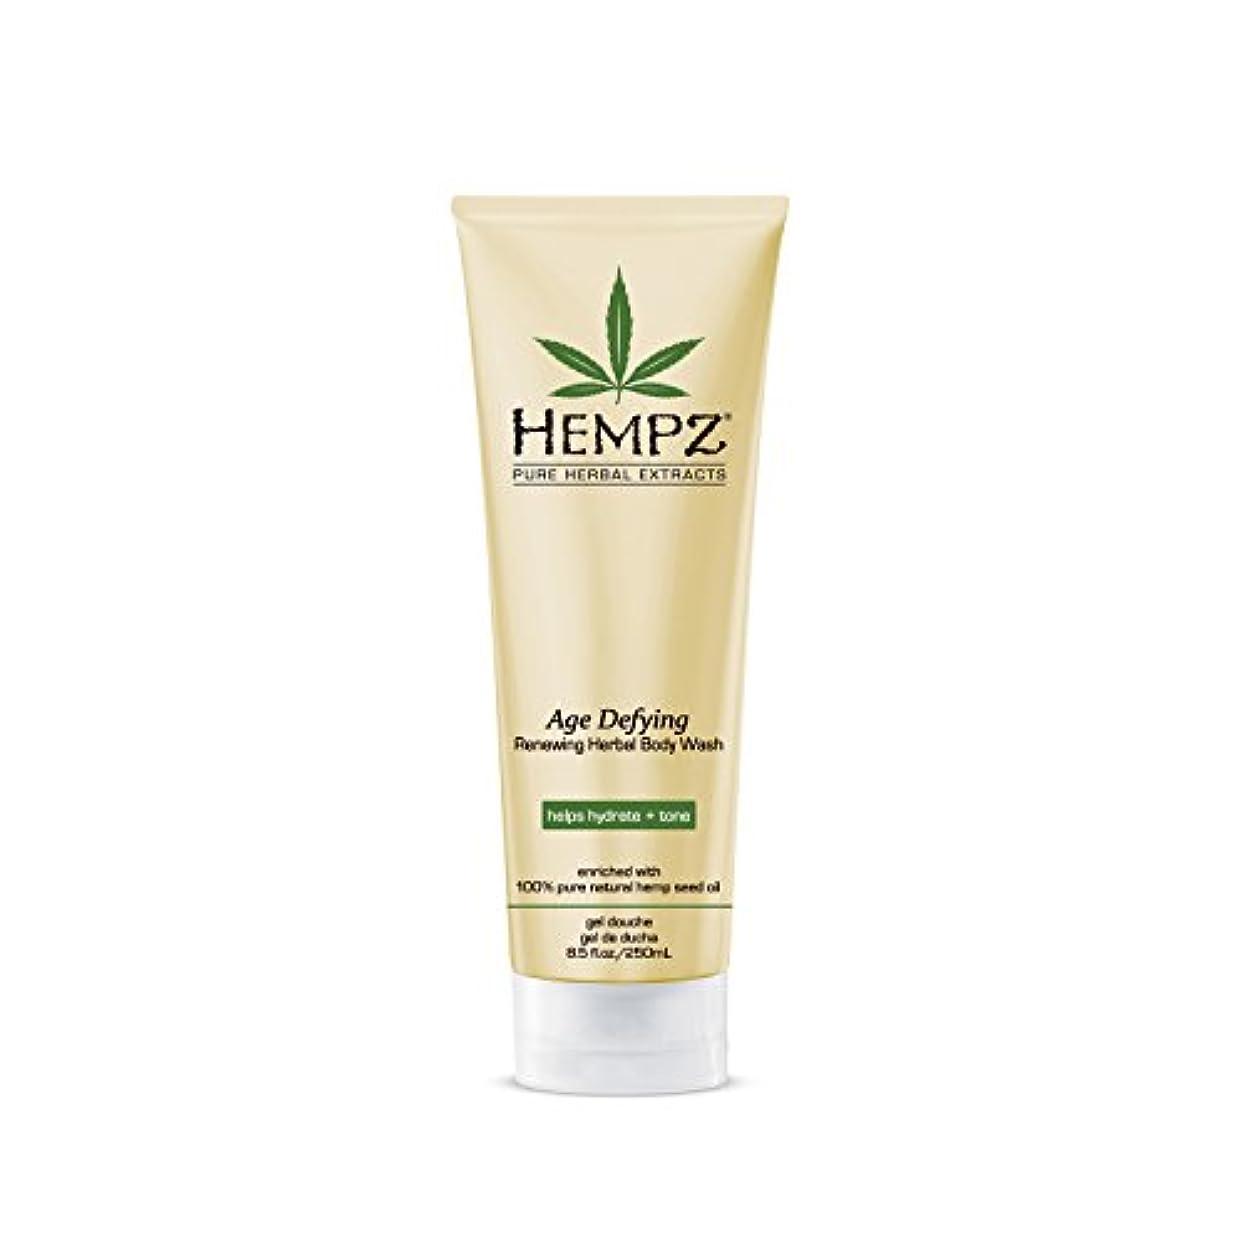 安価な禁止判読できないHempz Age Defying Herbal Body Wash, Off White, Vanilla/Musk, 8.5 Fluid Ounce